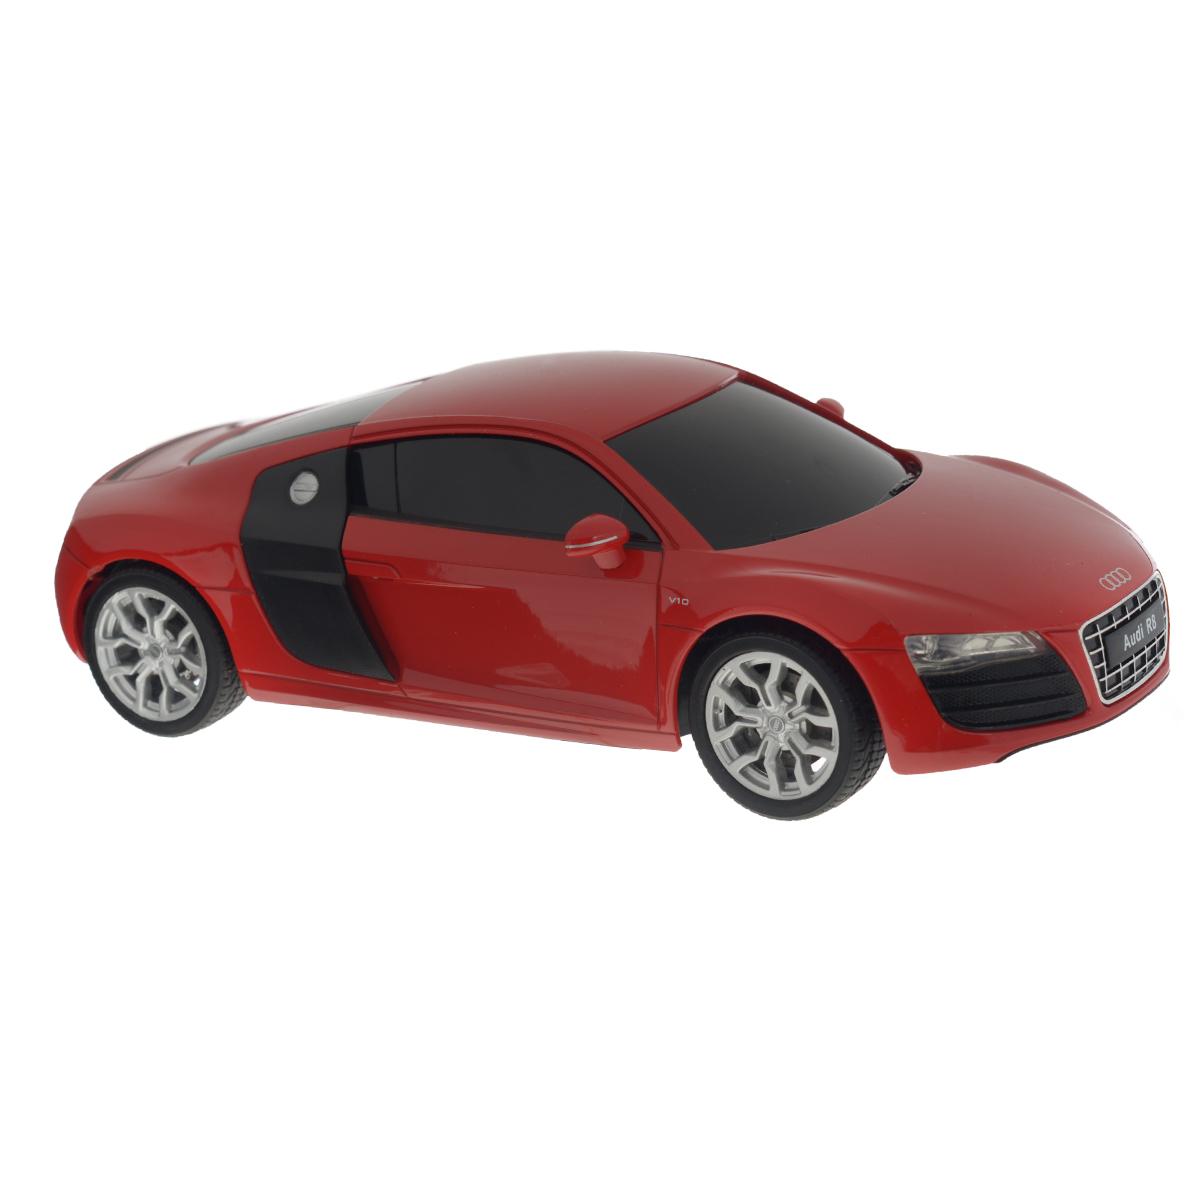 Welly Радиоуправляемая модель Audi R8 V10 цвет красный84004_красныйРадиоуправляемая модель Welly Audi R8 V10 обязательно привлечет внимание взрослого и ребенка и понравится любому, кто увлекается автомобилями. Маневренная и реалистичная уменьшенная копия Audi R8 V10 выполнена в точной детализации с настоящим автомобилем в масштабе 1/24. Управление машинкой происходит с помощью пульта. Машинка двигается вперед и назад, поворачивает направо и налево. Радиус действия пульта - 8 метров. Колеса игрушки прорезинены и обеспечивают плавный ход, машинка не портит напольное покрытие. Радиоуправляемые игрушки способствуют развитию координации движений, моторики и ловкости. Ваш ребенок часами будет играть с моделью, придумывая различные истории и устраивая соревнования. Порадуйте его таким замечательным подарком! Питание: для работы машинки - 3 батарейки напряжением 1,5V типа АА; для работы пульта - 2 батарейки напряжением 1,5V типа АА (не входят в комплект).